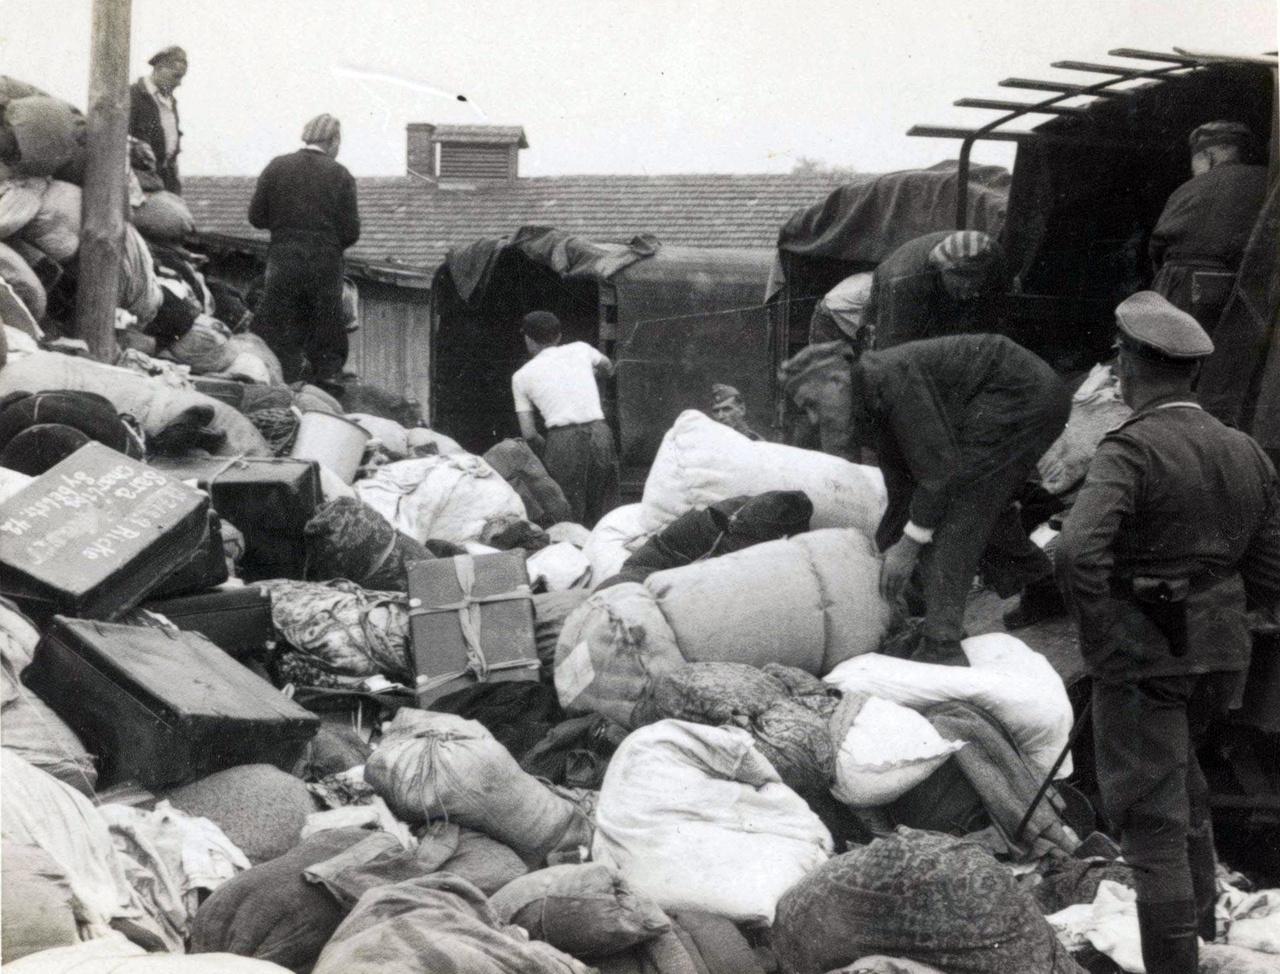 A táborba érkező zsidók személyes dolgait elvették, amiket a foglyoknak kellett a rámpáról összegyűjtögetni, majd azokat teherkocsik vitték az úgynevezett Kanada-szekcióba, ahol értékük szerint szortírozták őket. Attól fogva minden érték a Harmadik Birodalomhoz tartozott. Mire a munkával végeztek, a korábbi tulajdonosok legtöbbje már halott volt. A fenti képen egy SS-tag csípőre tett kézzel ügyeli a munkát.